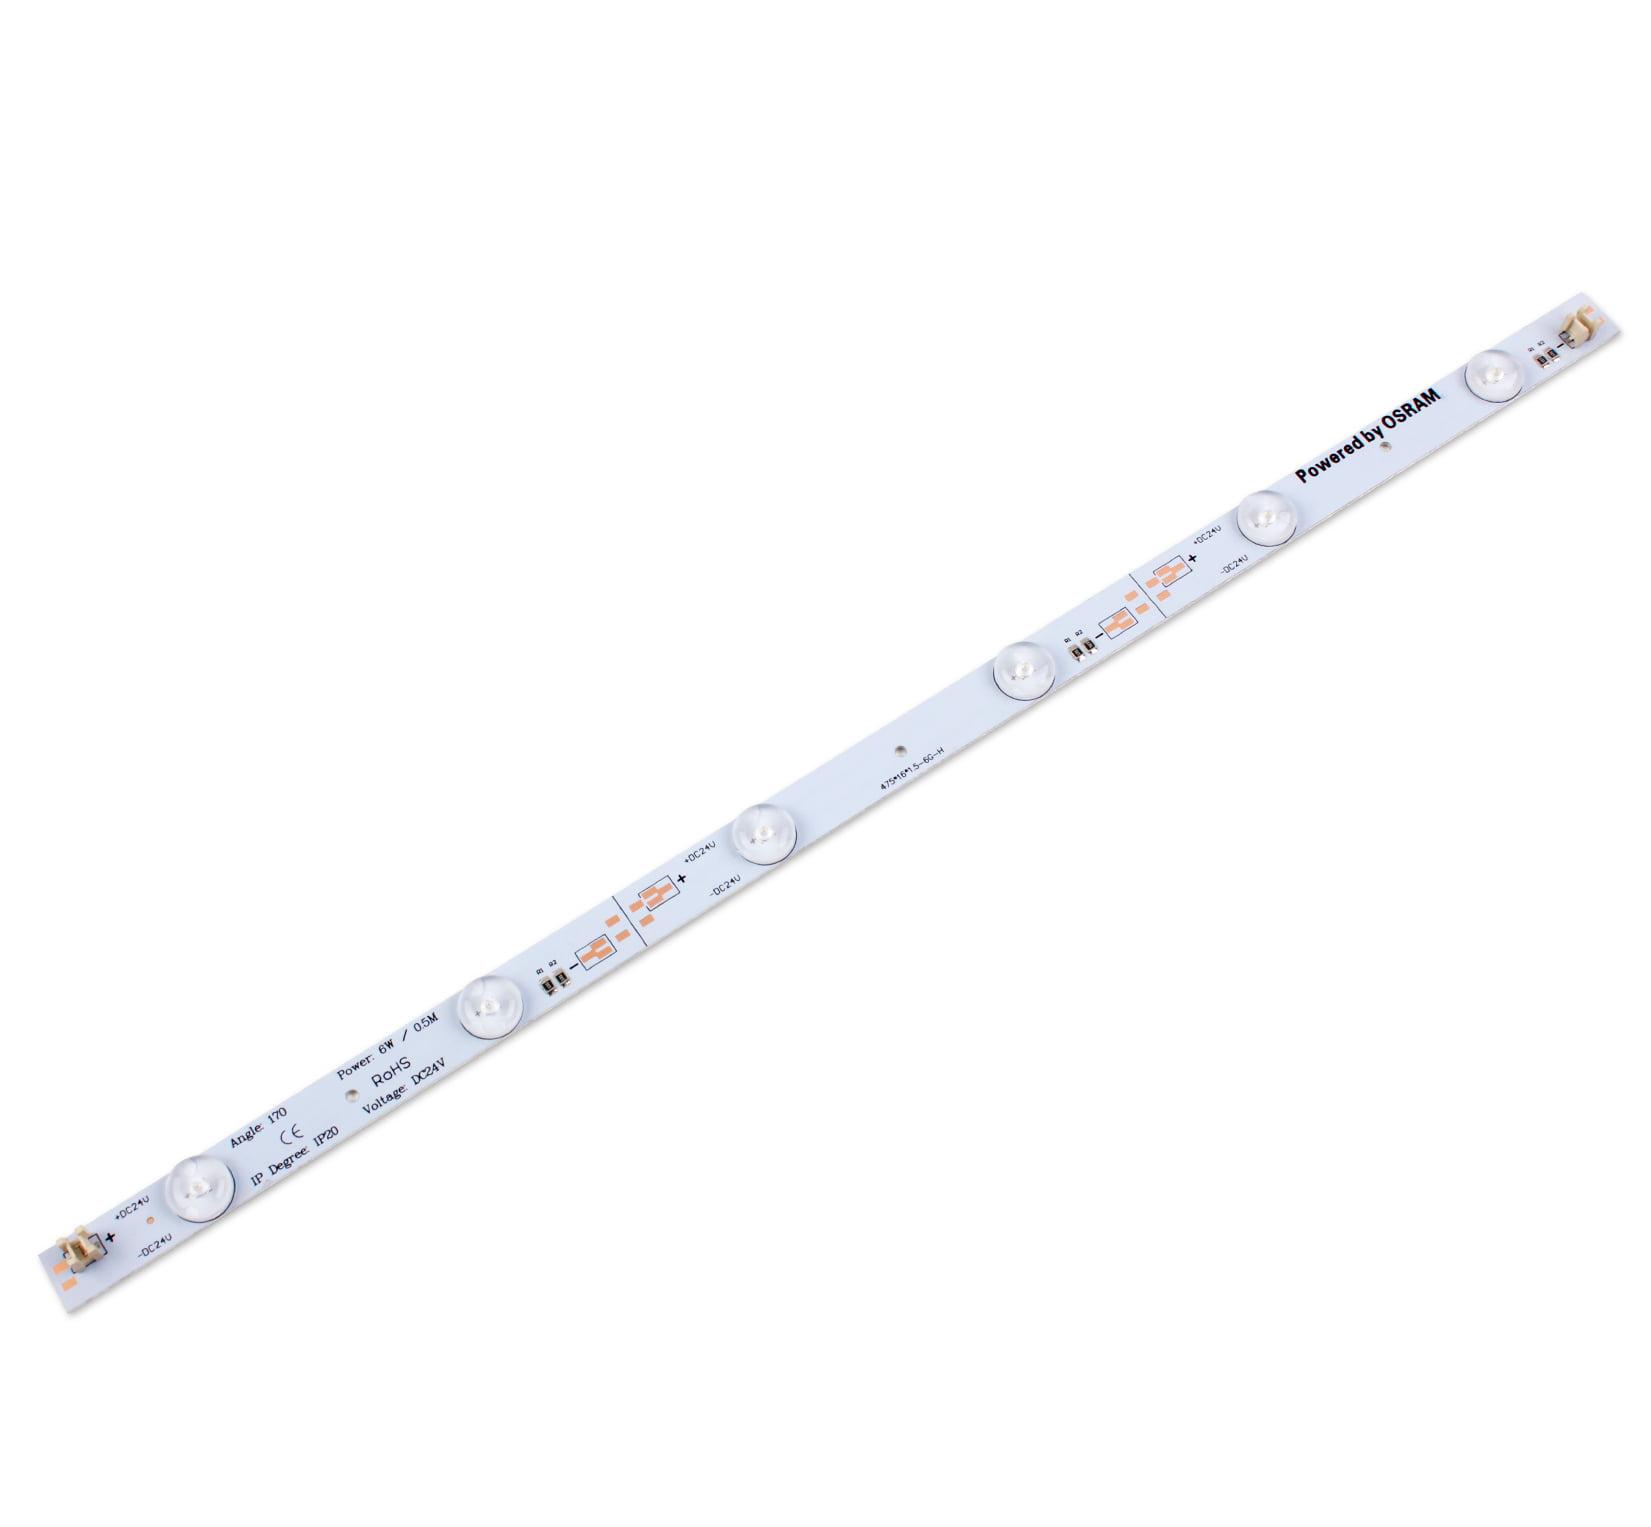 osram-ip-20-backlit-illuminated